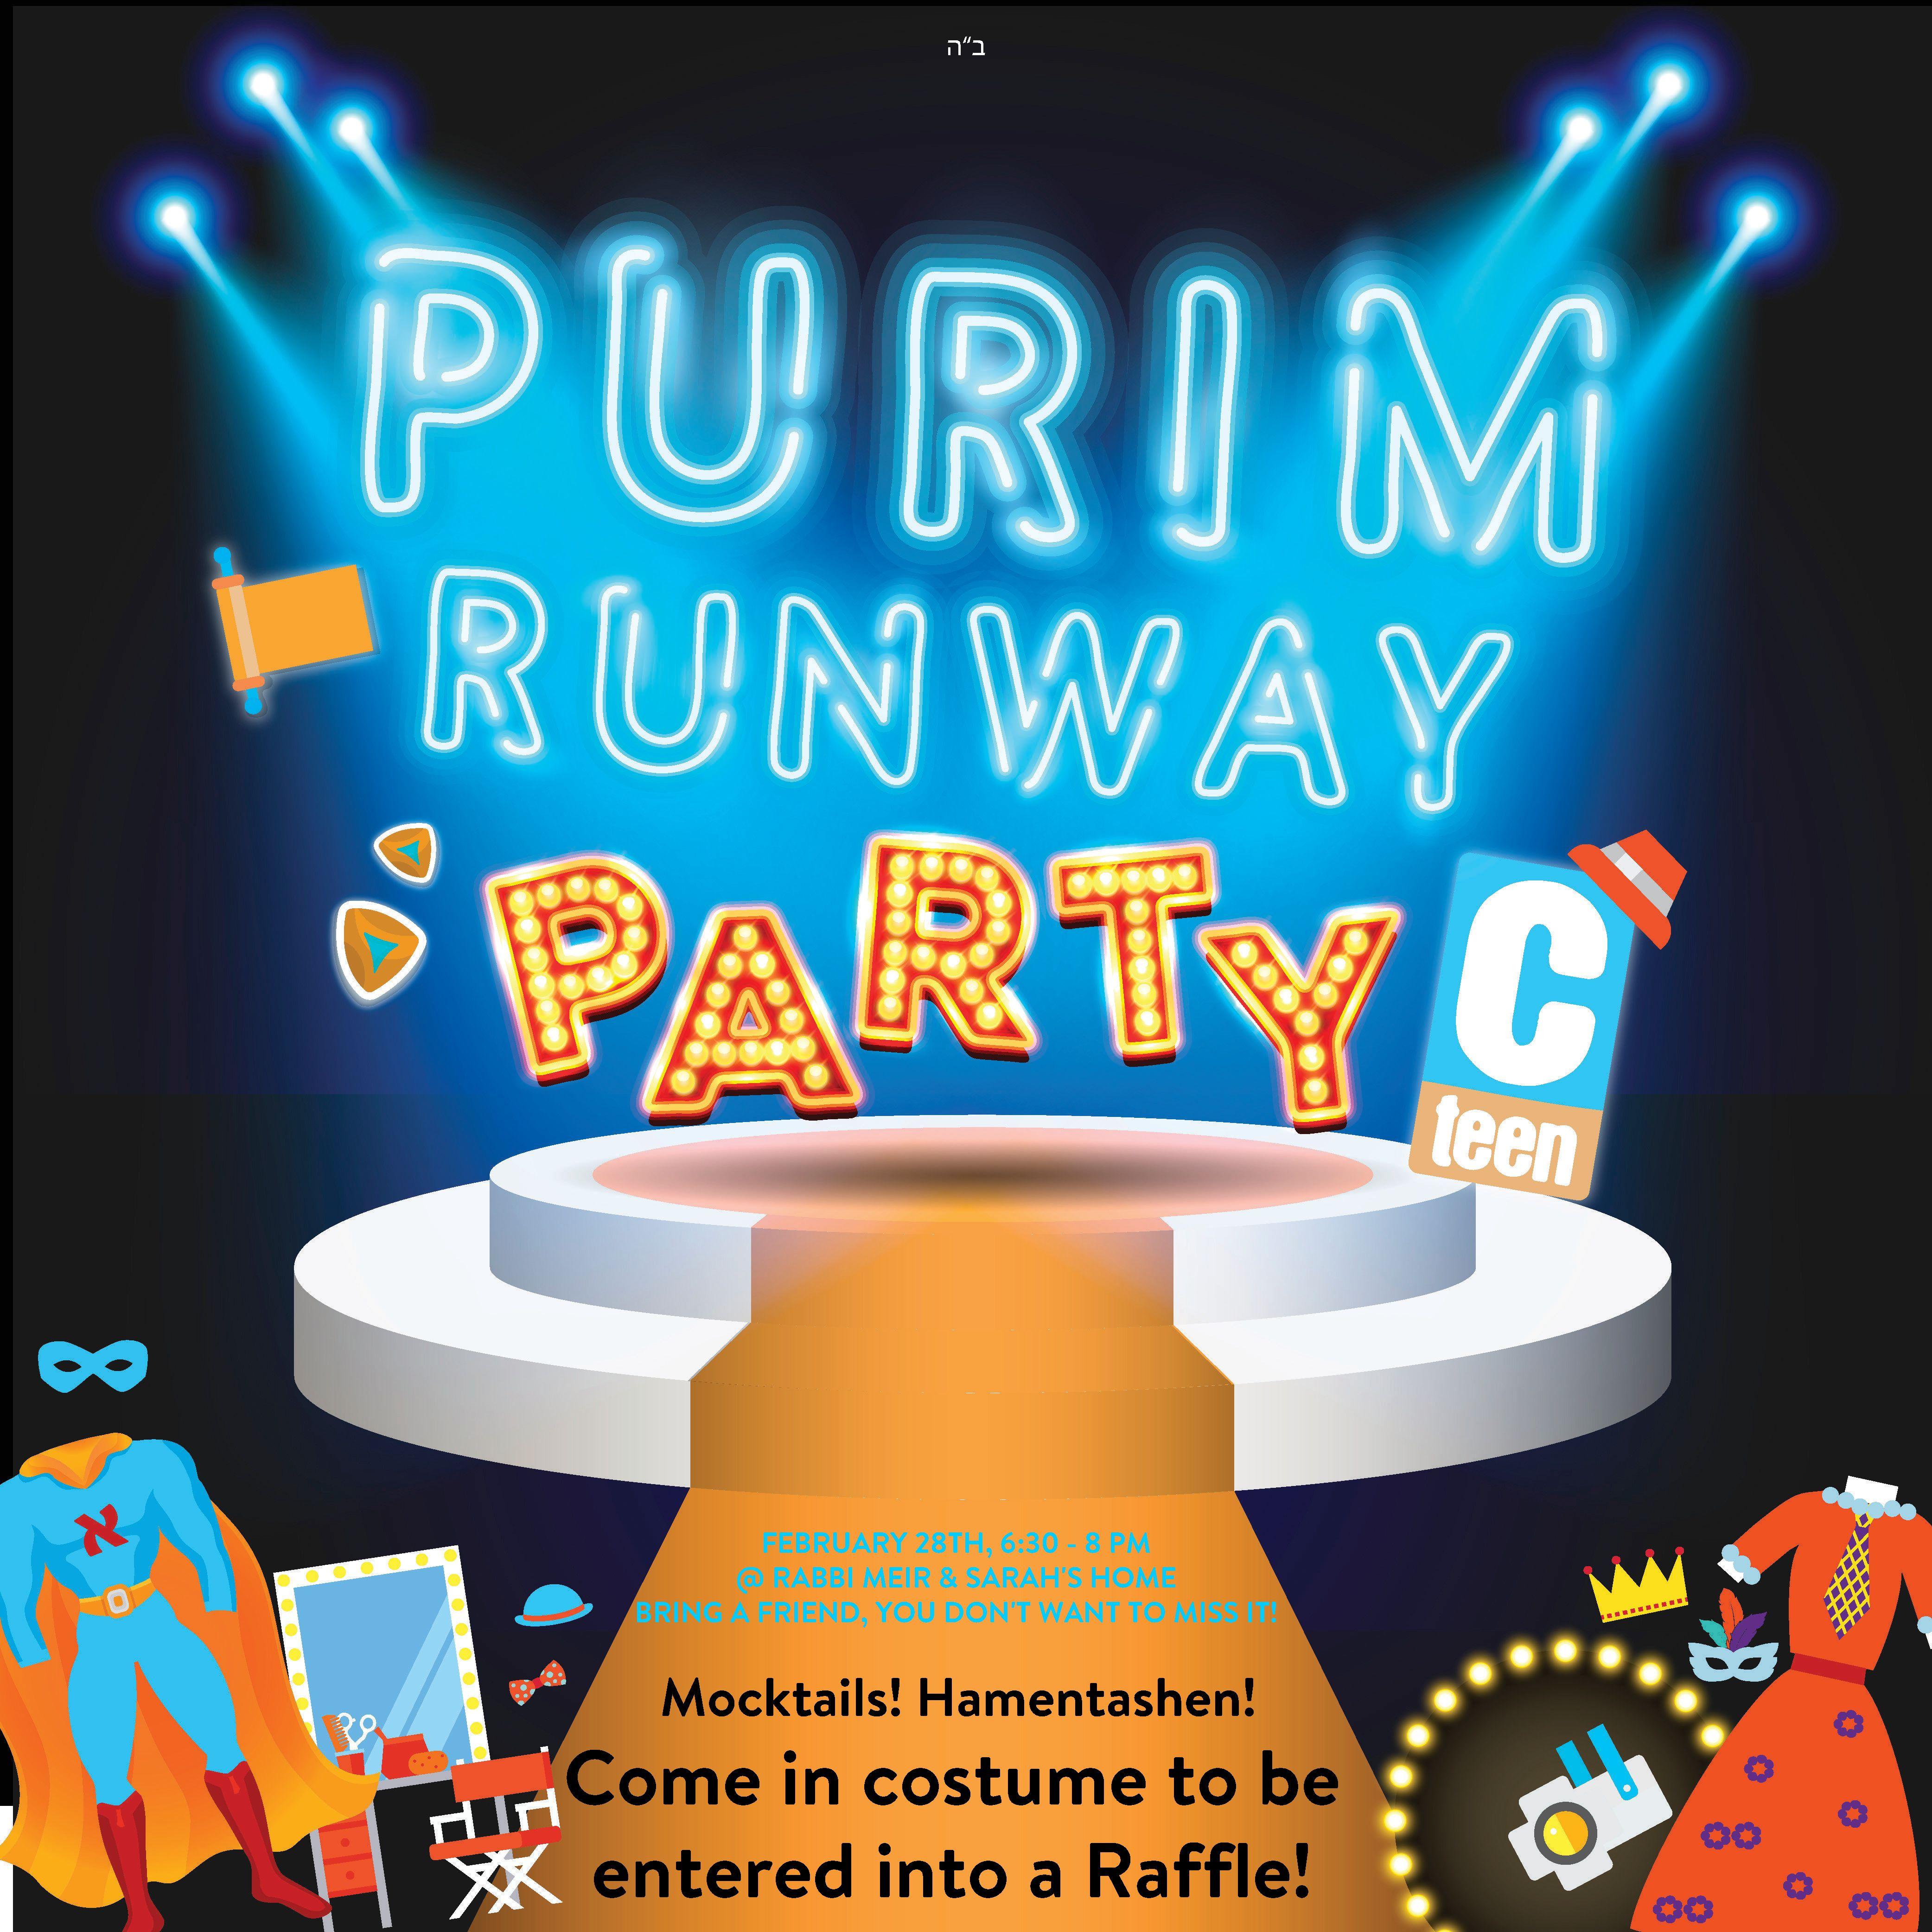 Purim Runway.jpg